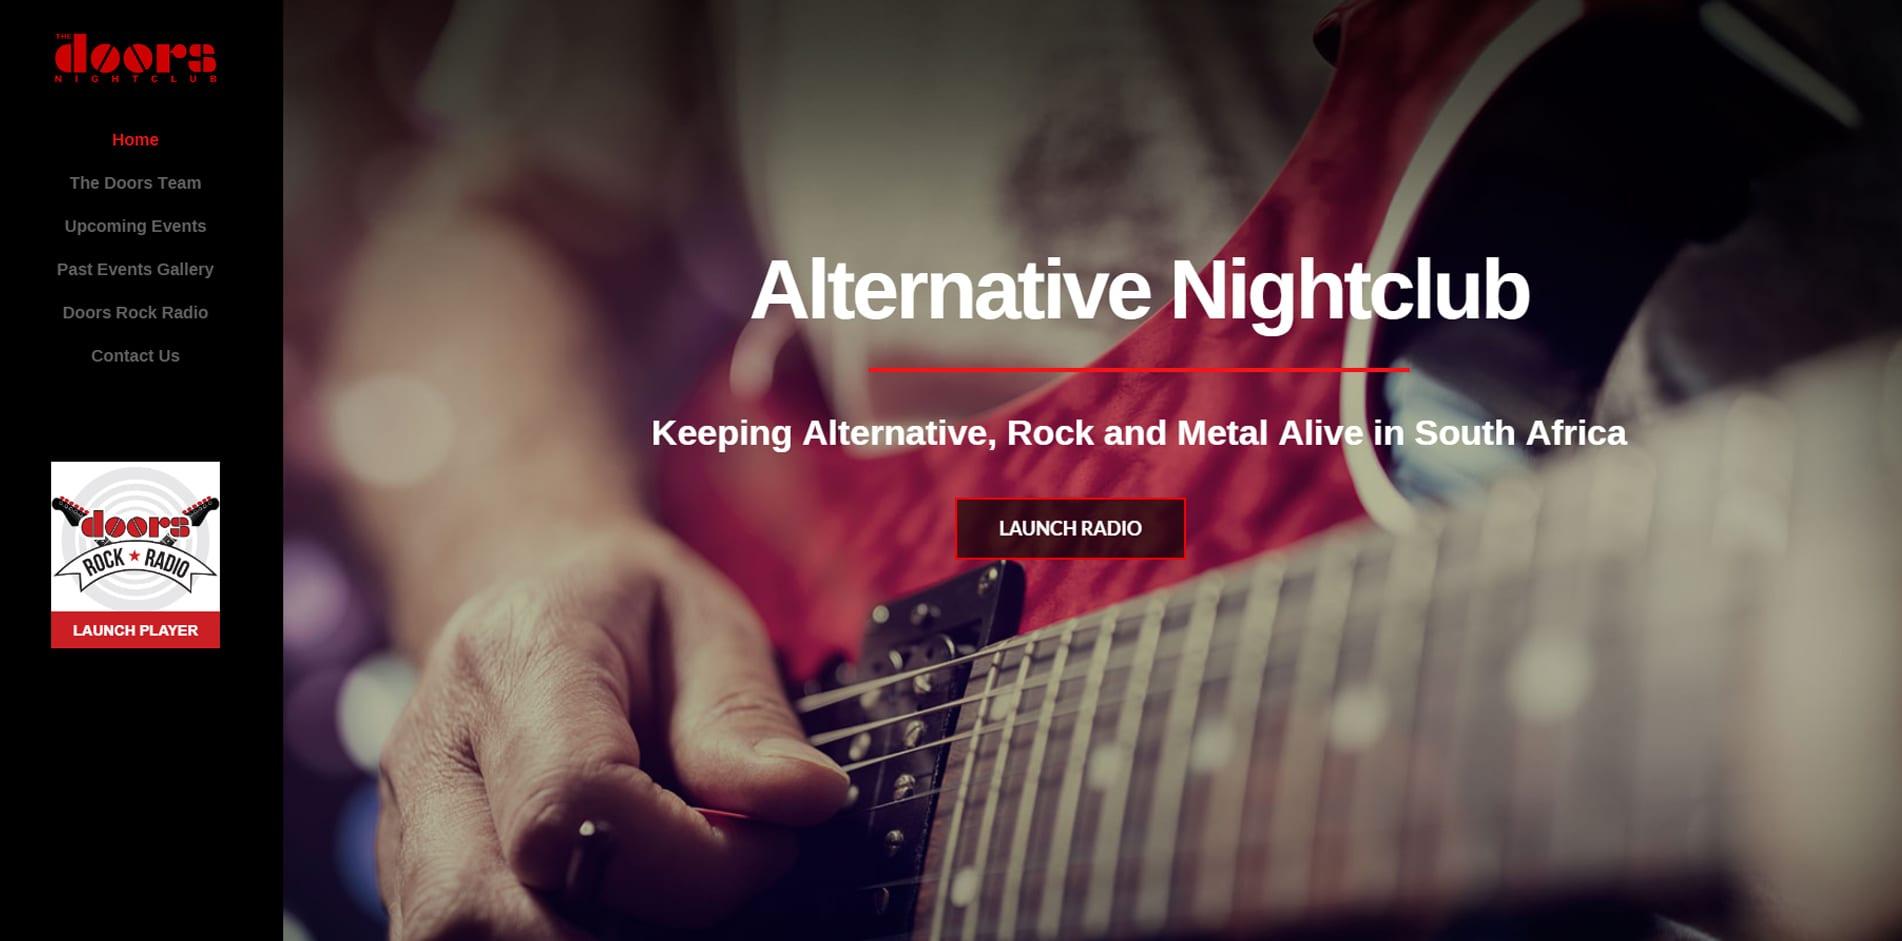 The Doors Nightclub Website